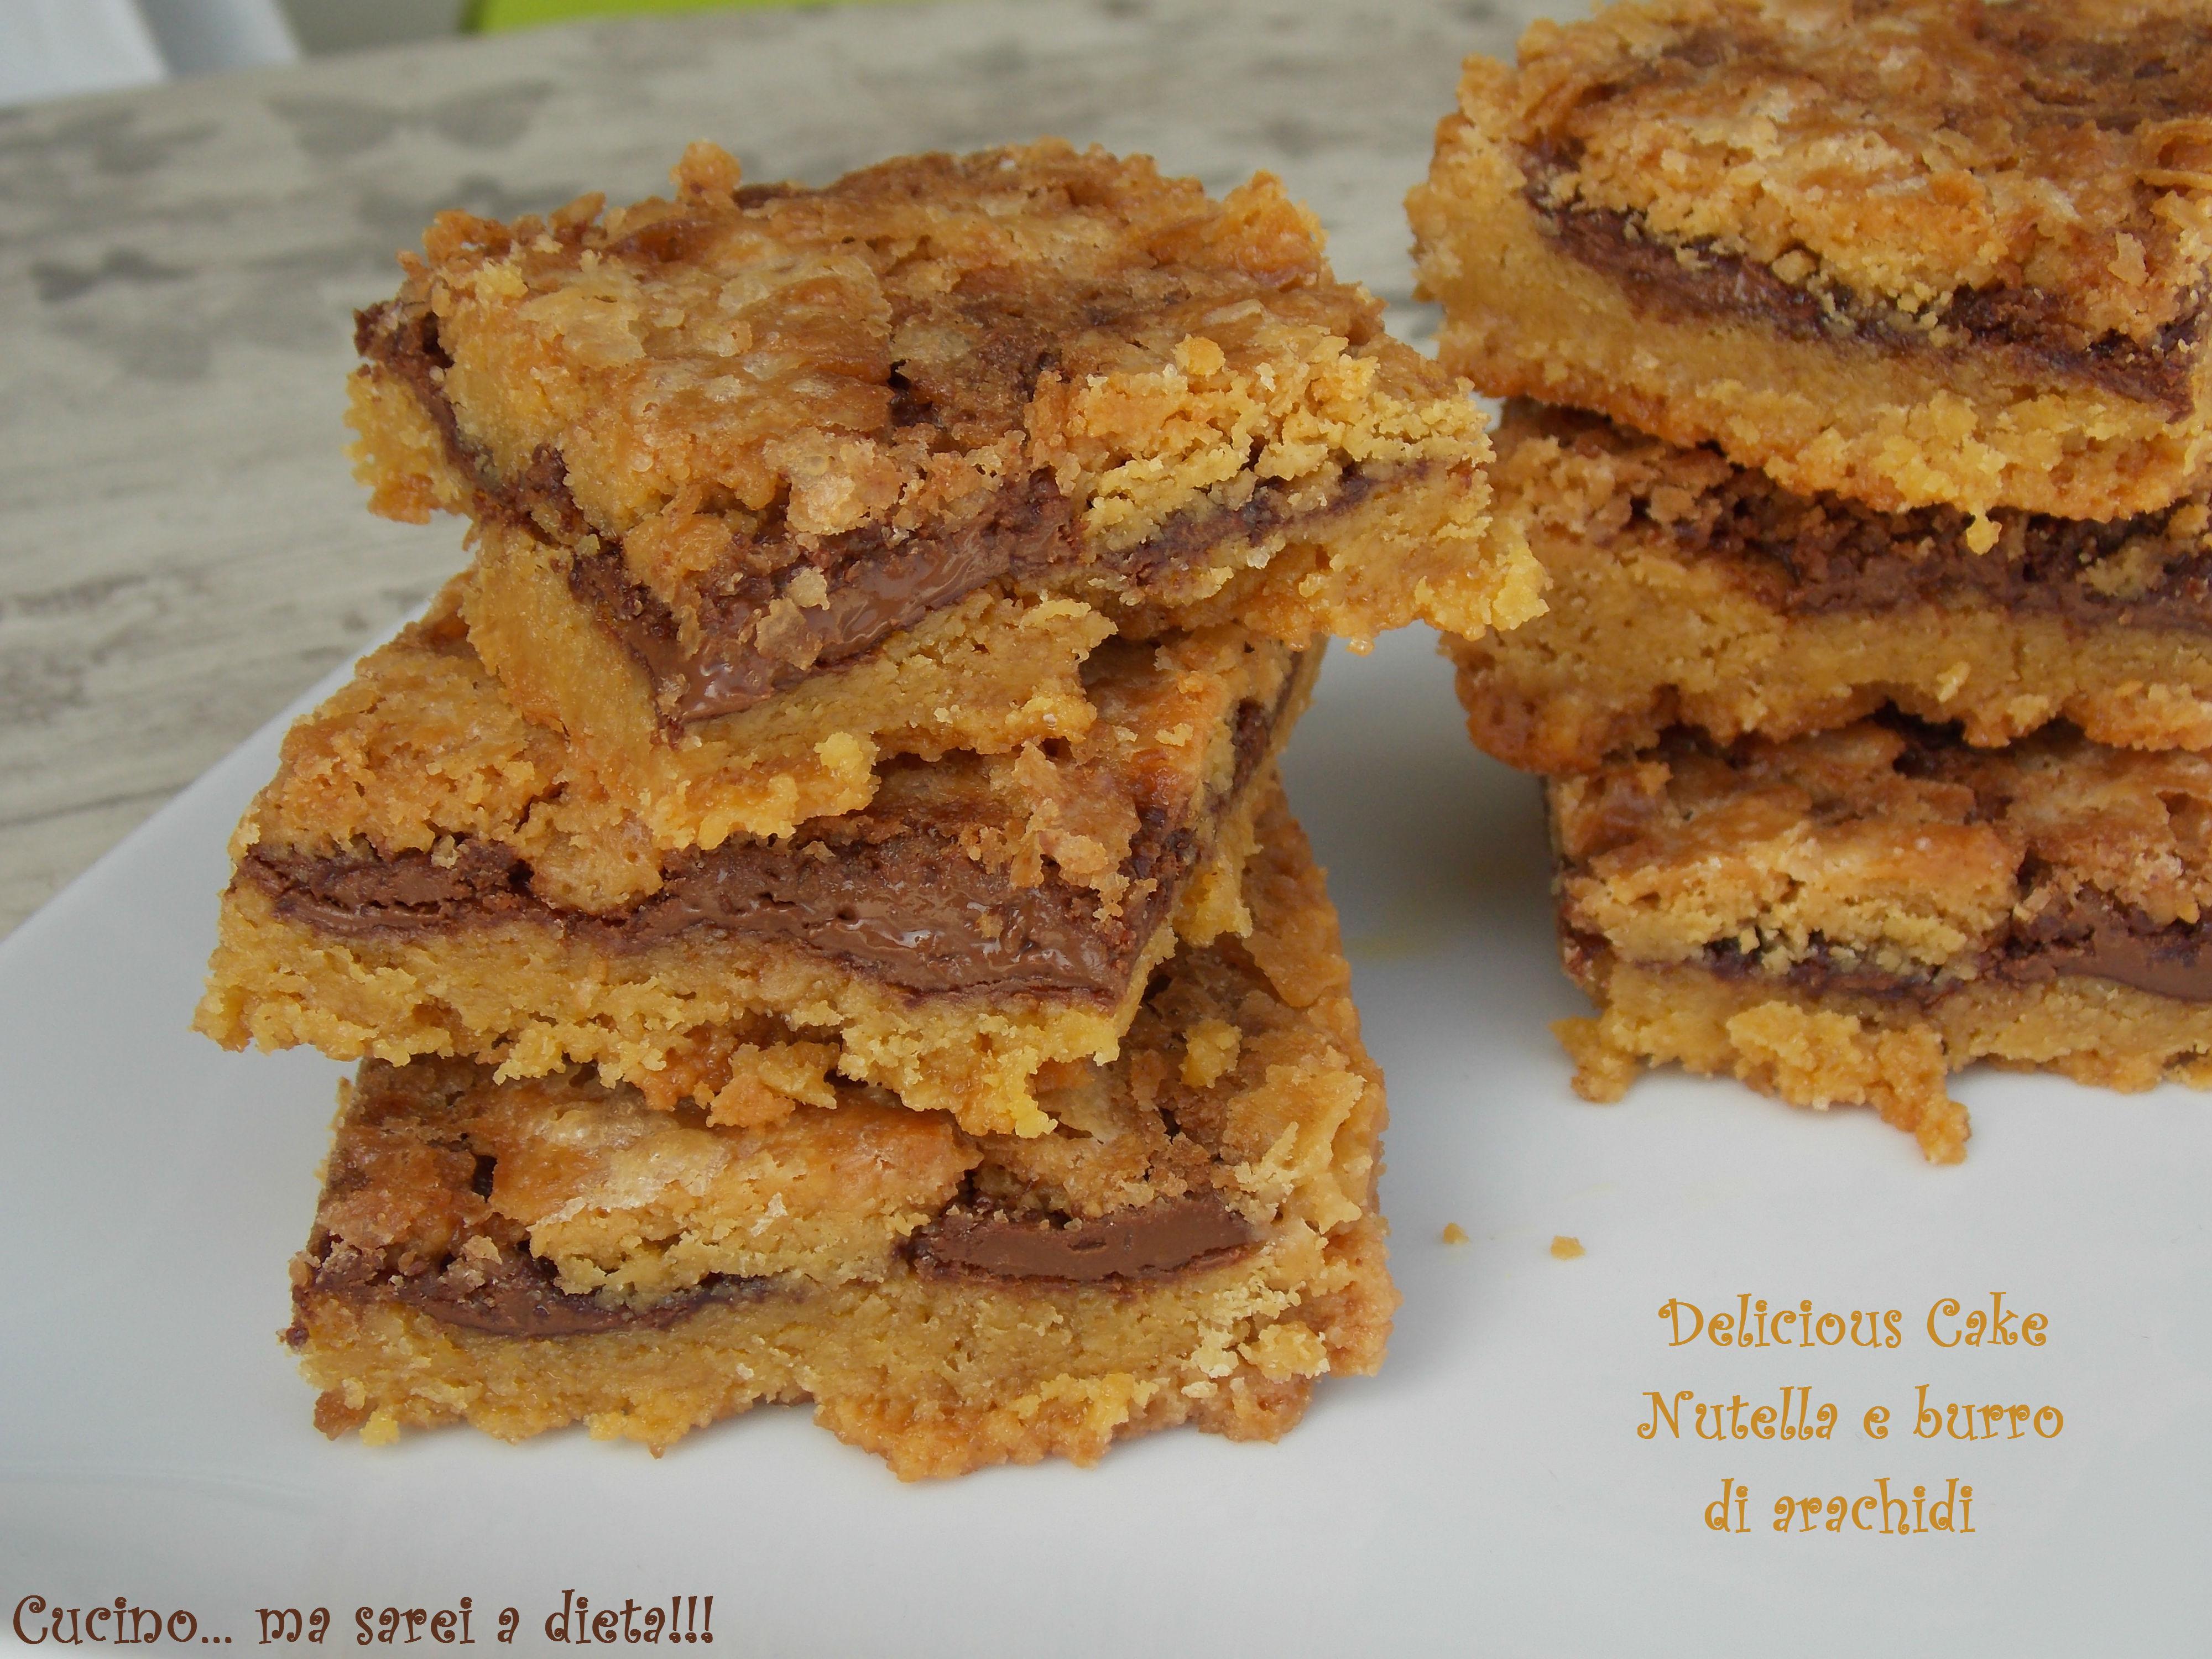 Célèbre Nutella e Burro di arachidi | Ricetta golosa | Cucino ma sarei  GA27